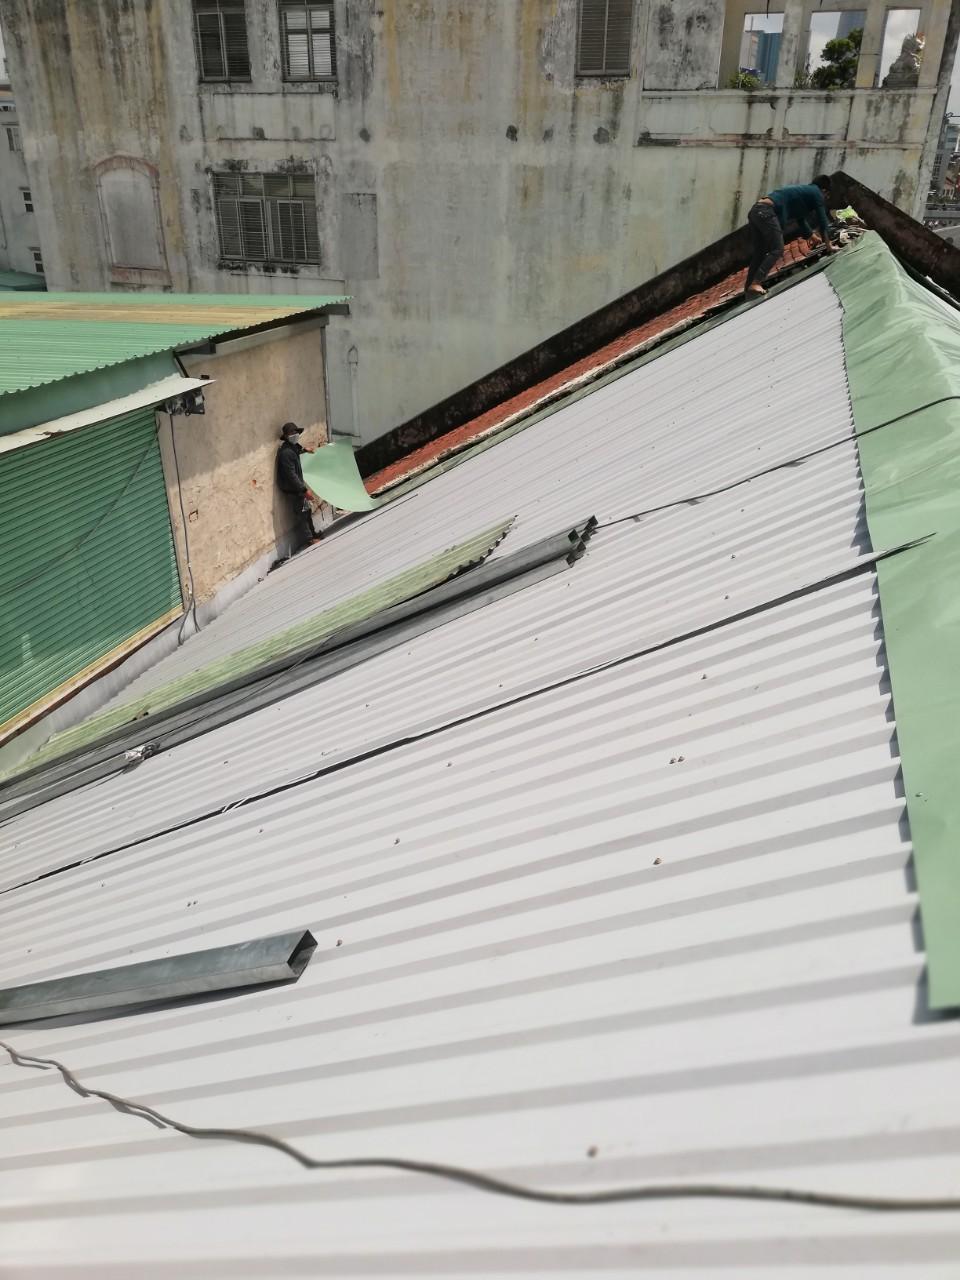 làm mái tôn quận 8 chống dột mái tôn lợp mái tôn đóng mái tôn sửa mái tôn